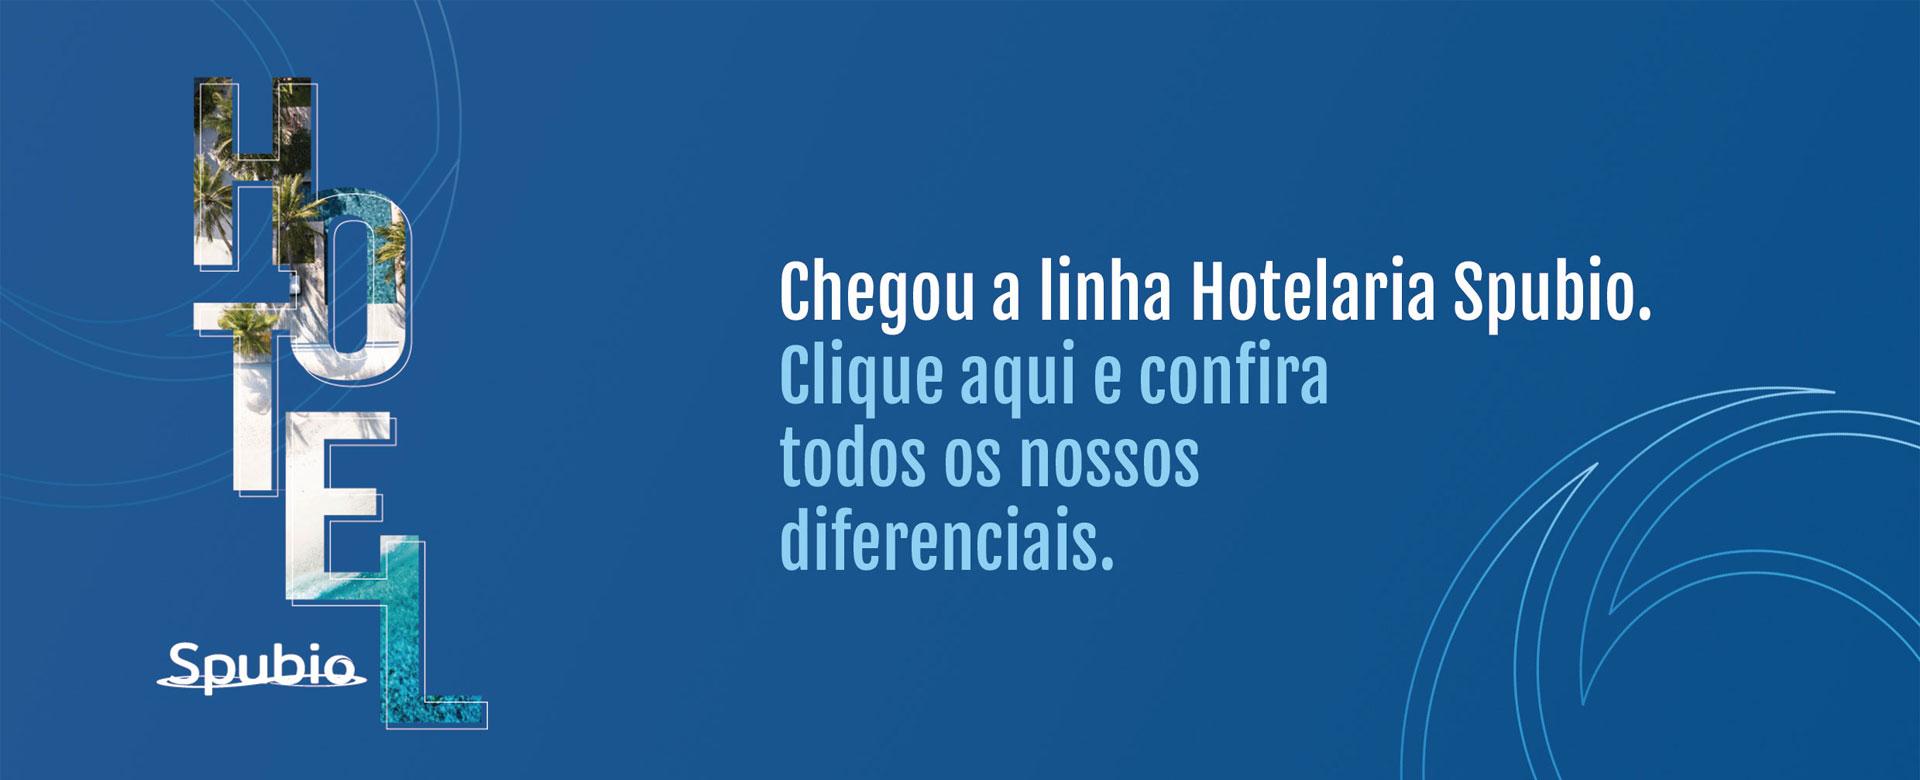 Home Hotelaria